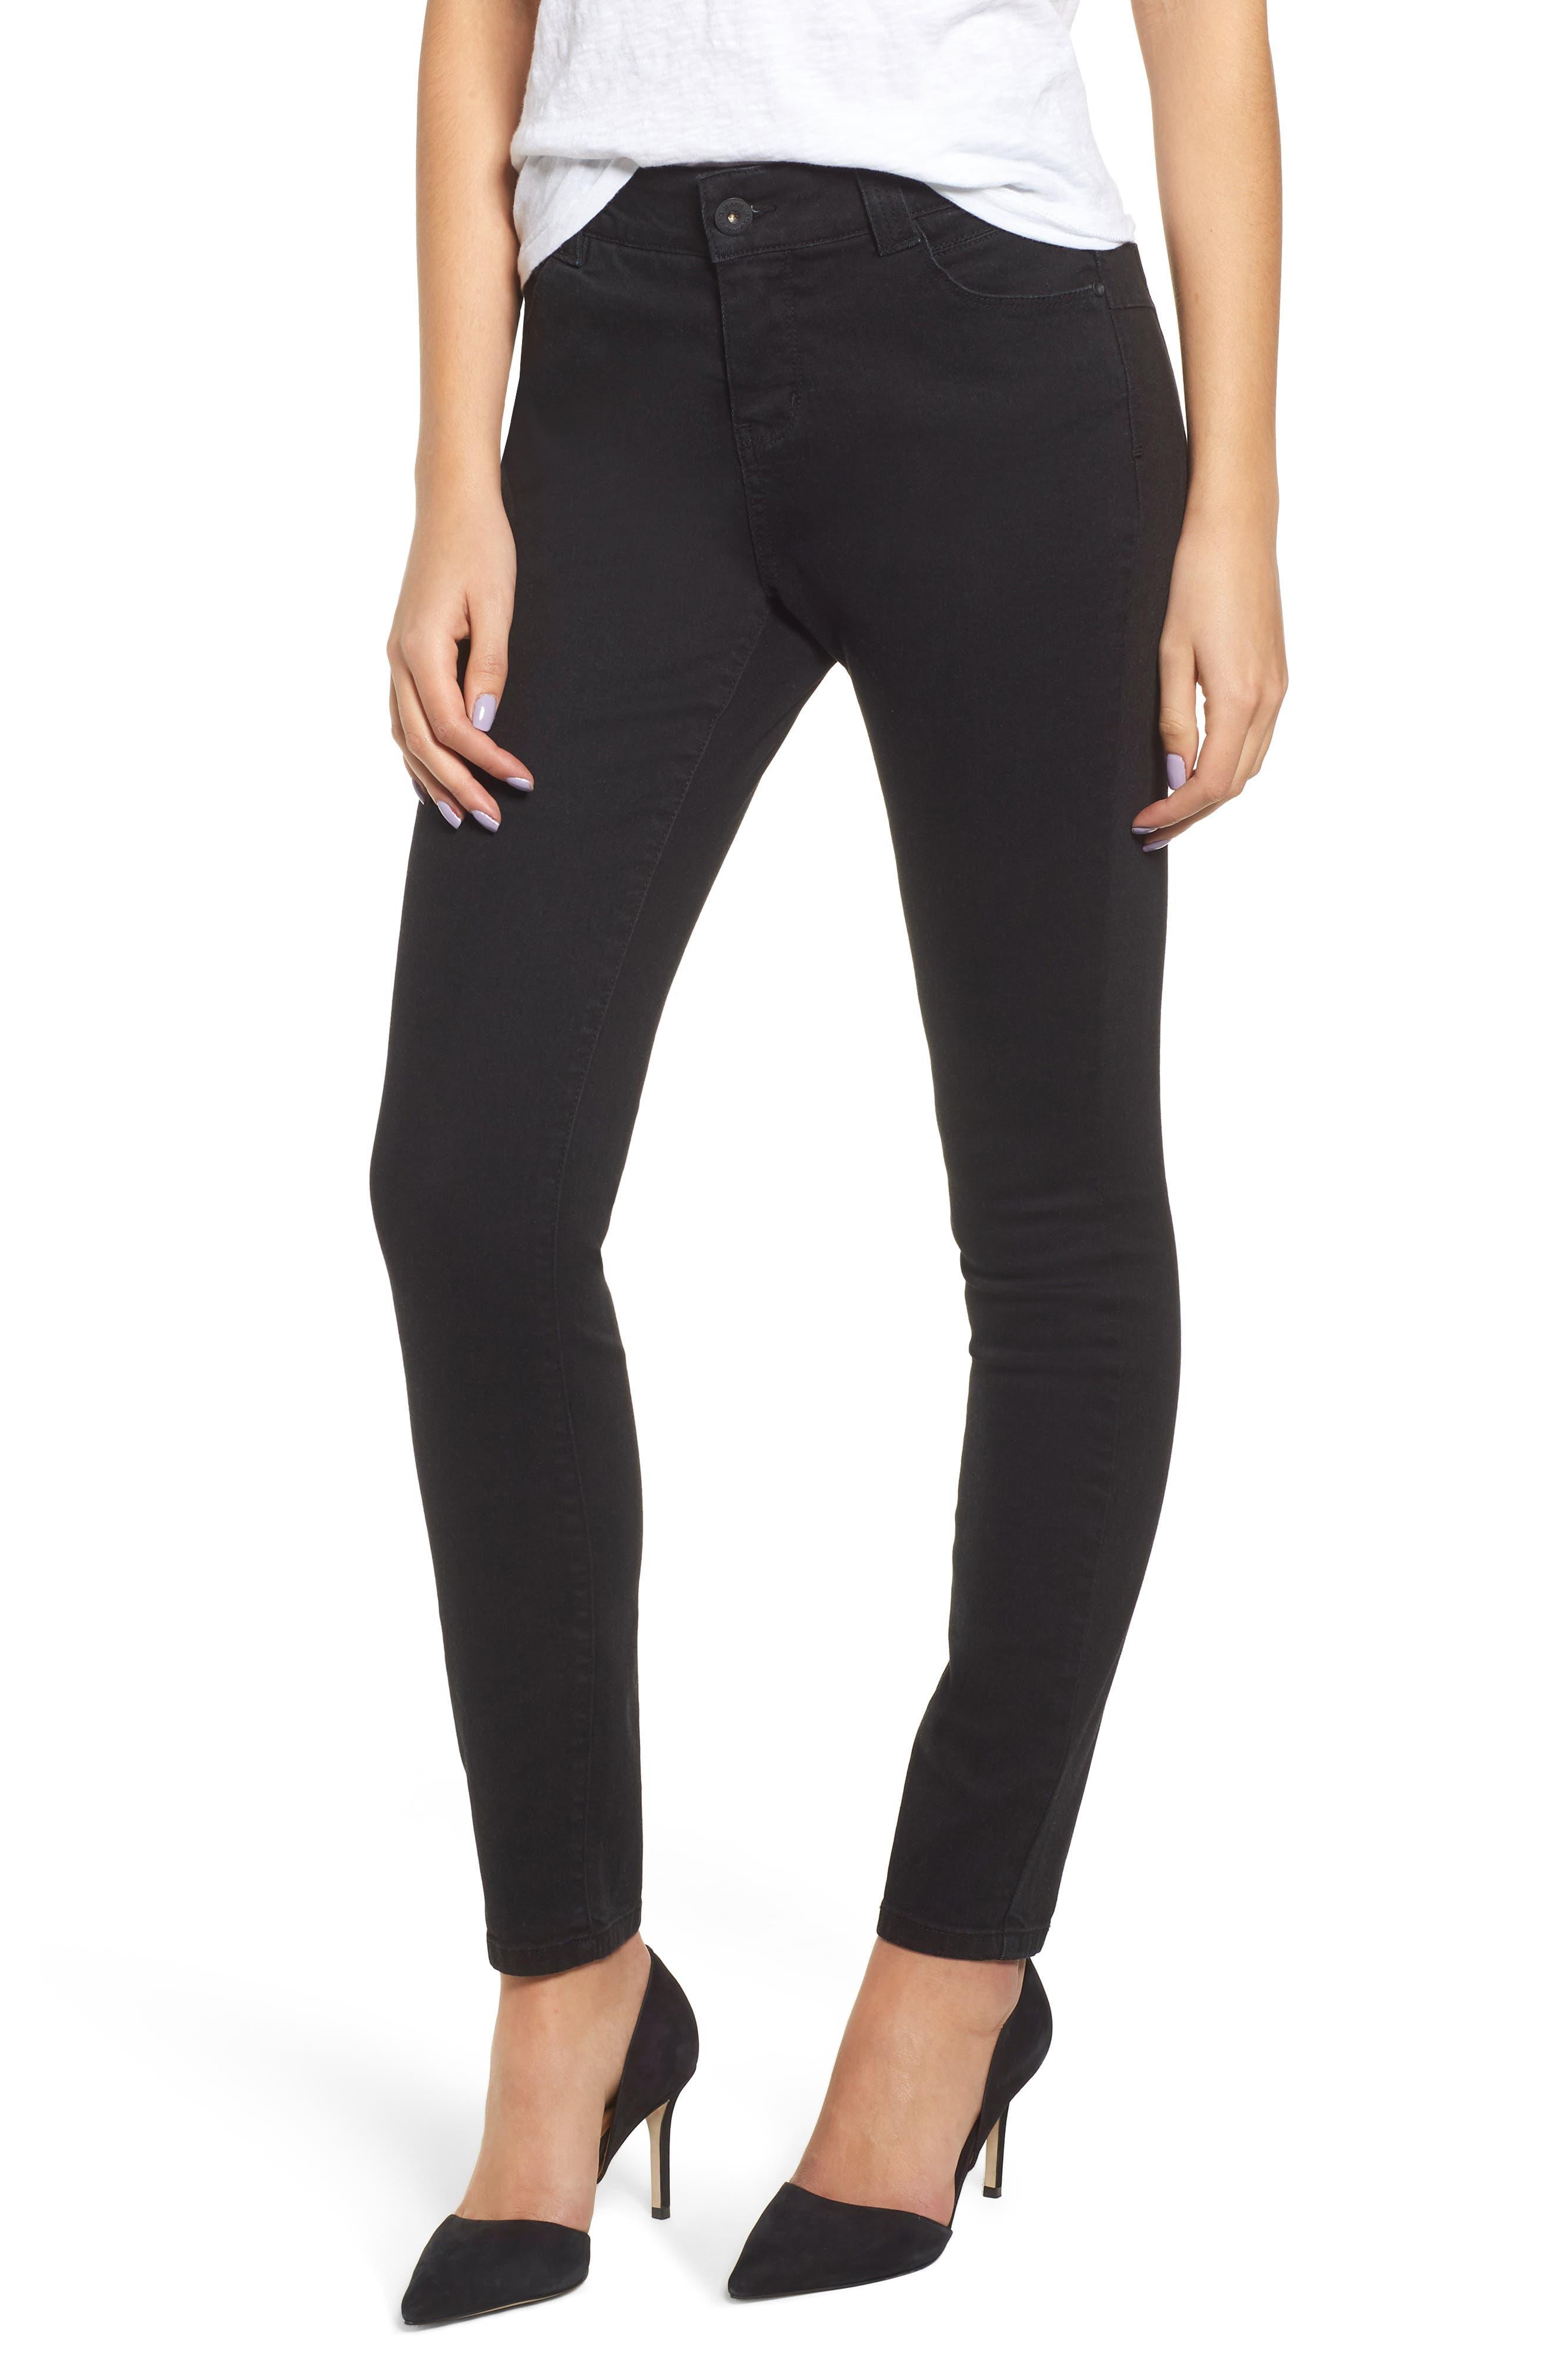 Cecilia Skinny Jeans in Black